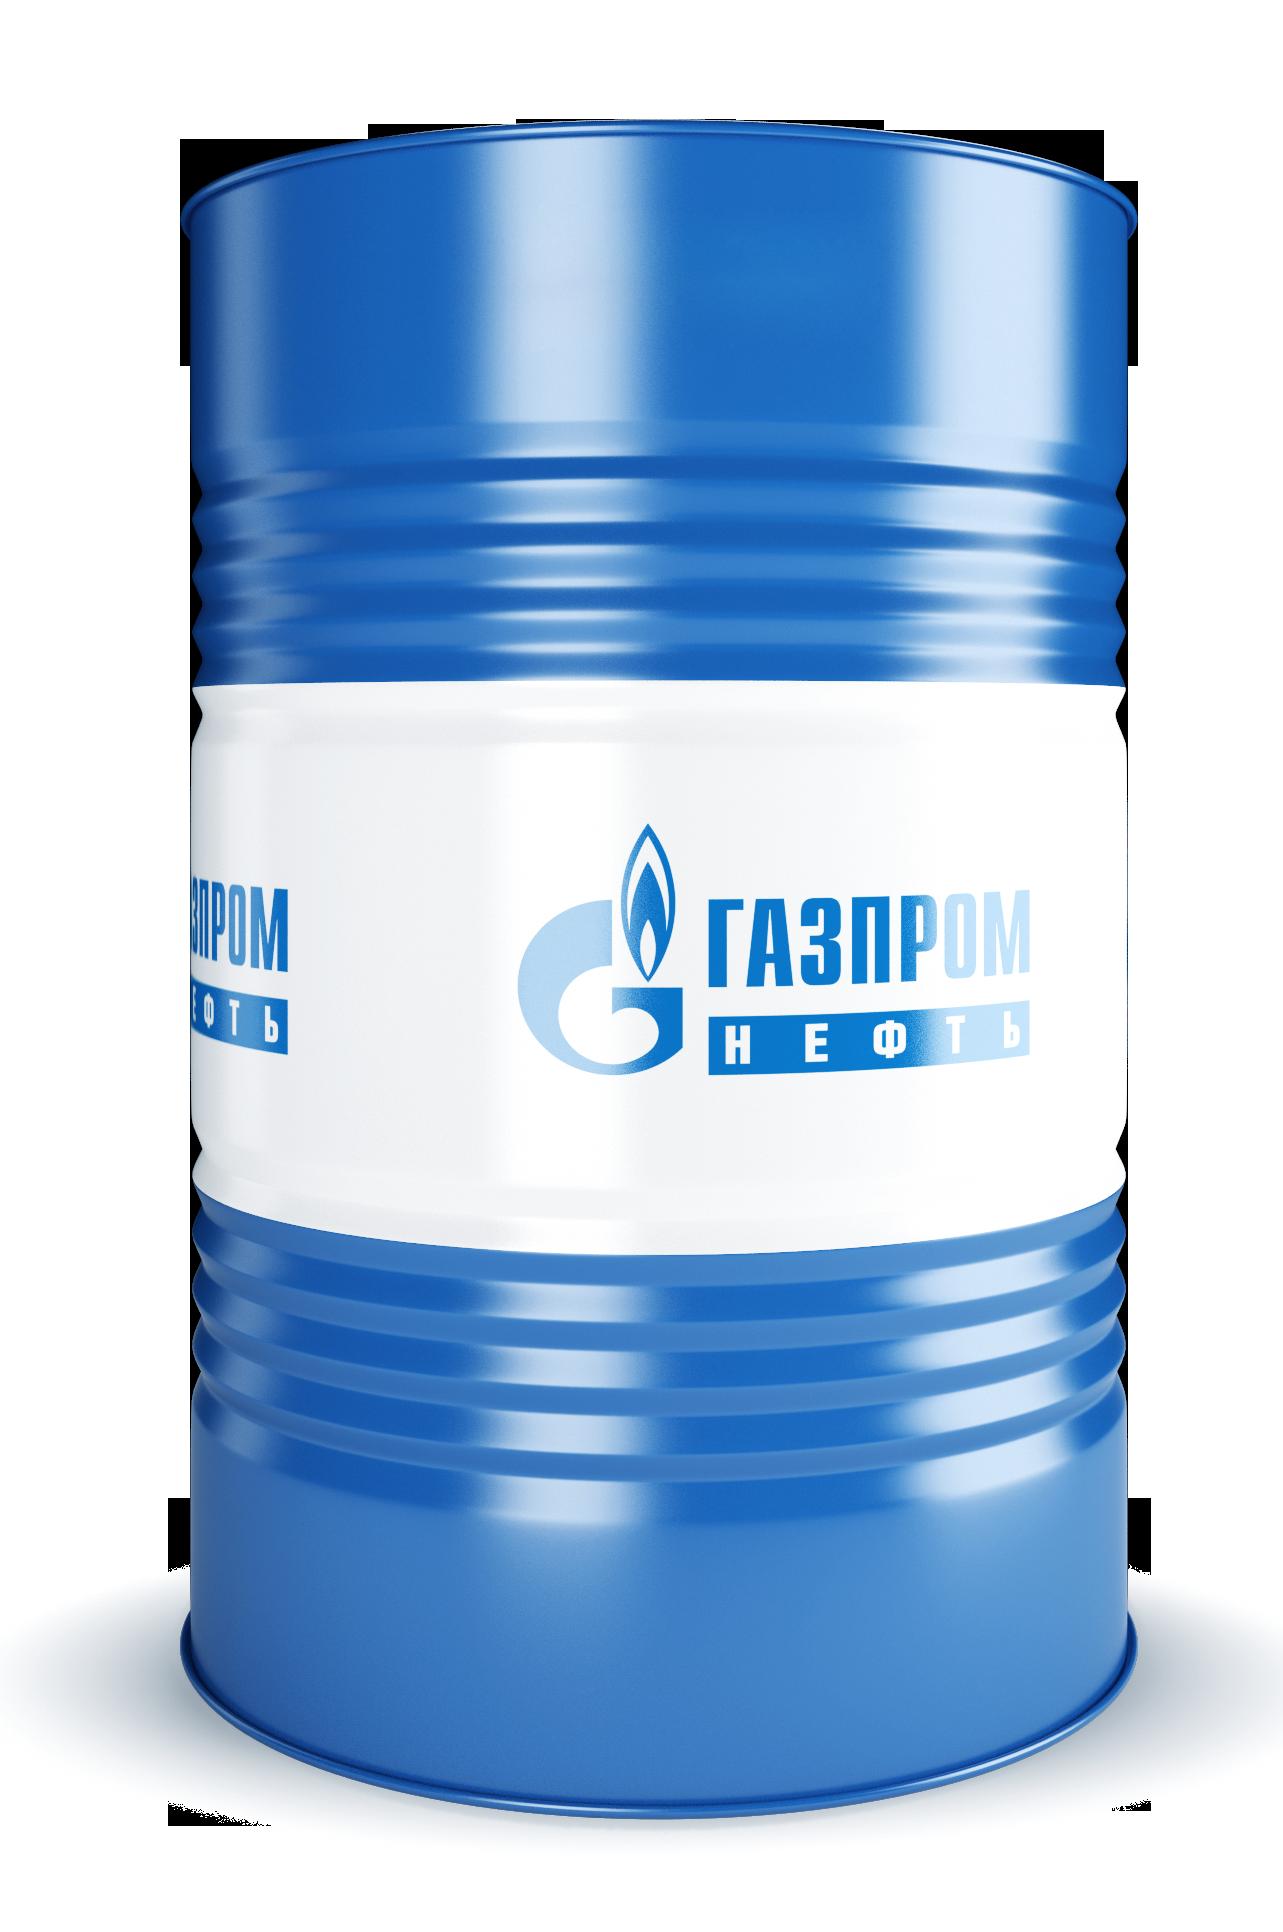 Масло Gazpromneft марки А (205л)Gazpromneft<br><br><br>Артикул: 2389901293<br>Бренд: Gazpromneft<br>Объем (л): 205<br>Объем (л): 205